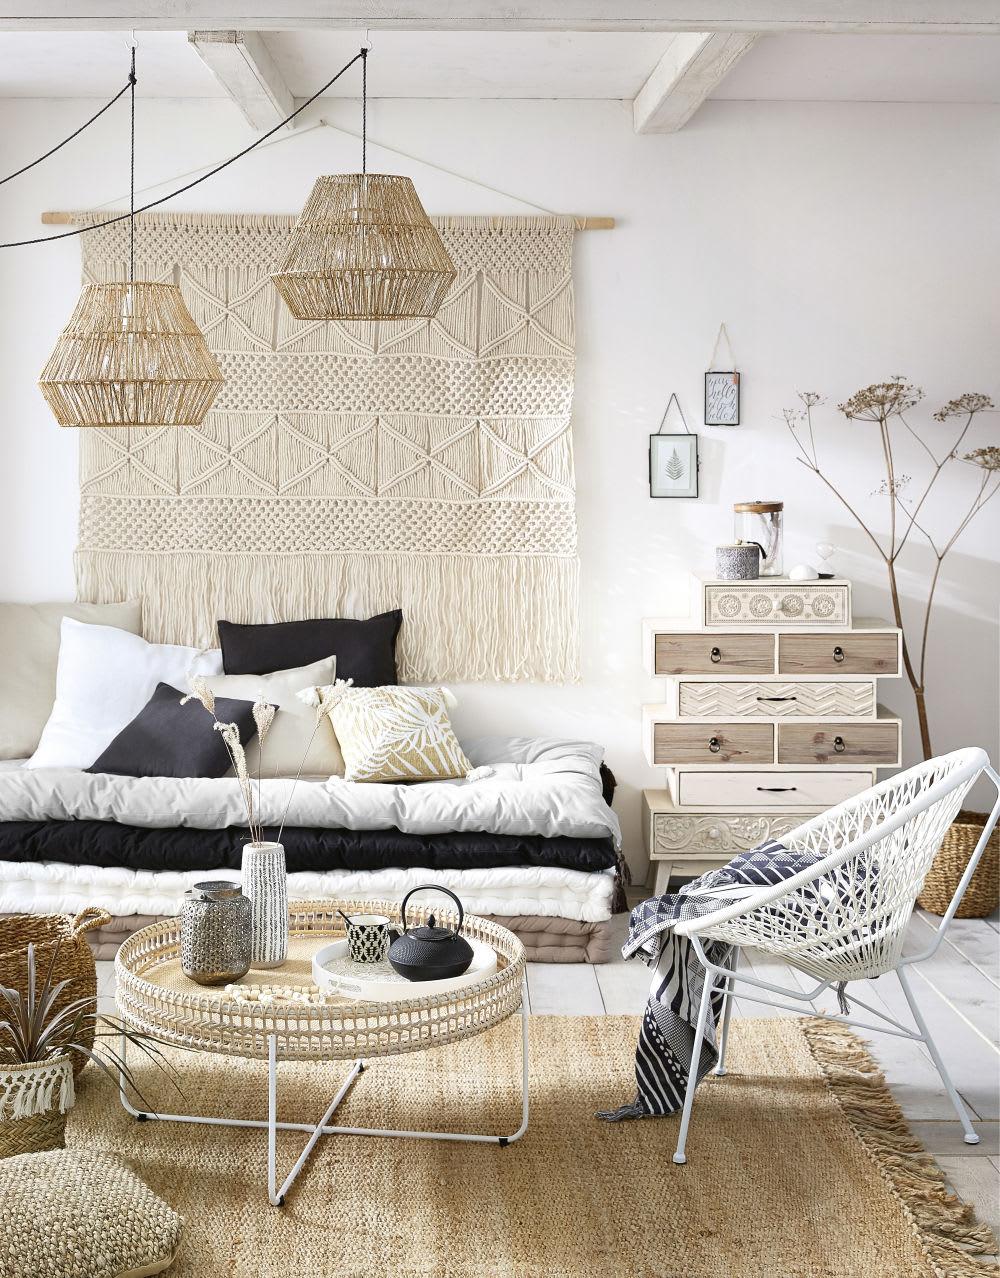 t te de lit macram en coton et corde alawa maisons du monde. Black Bedroom Furniture Sets. Home Design Ideas